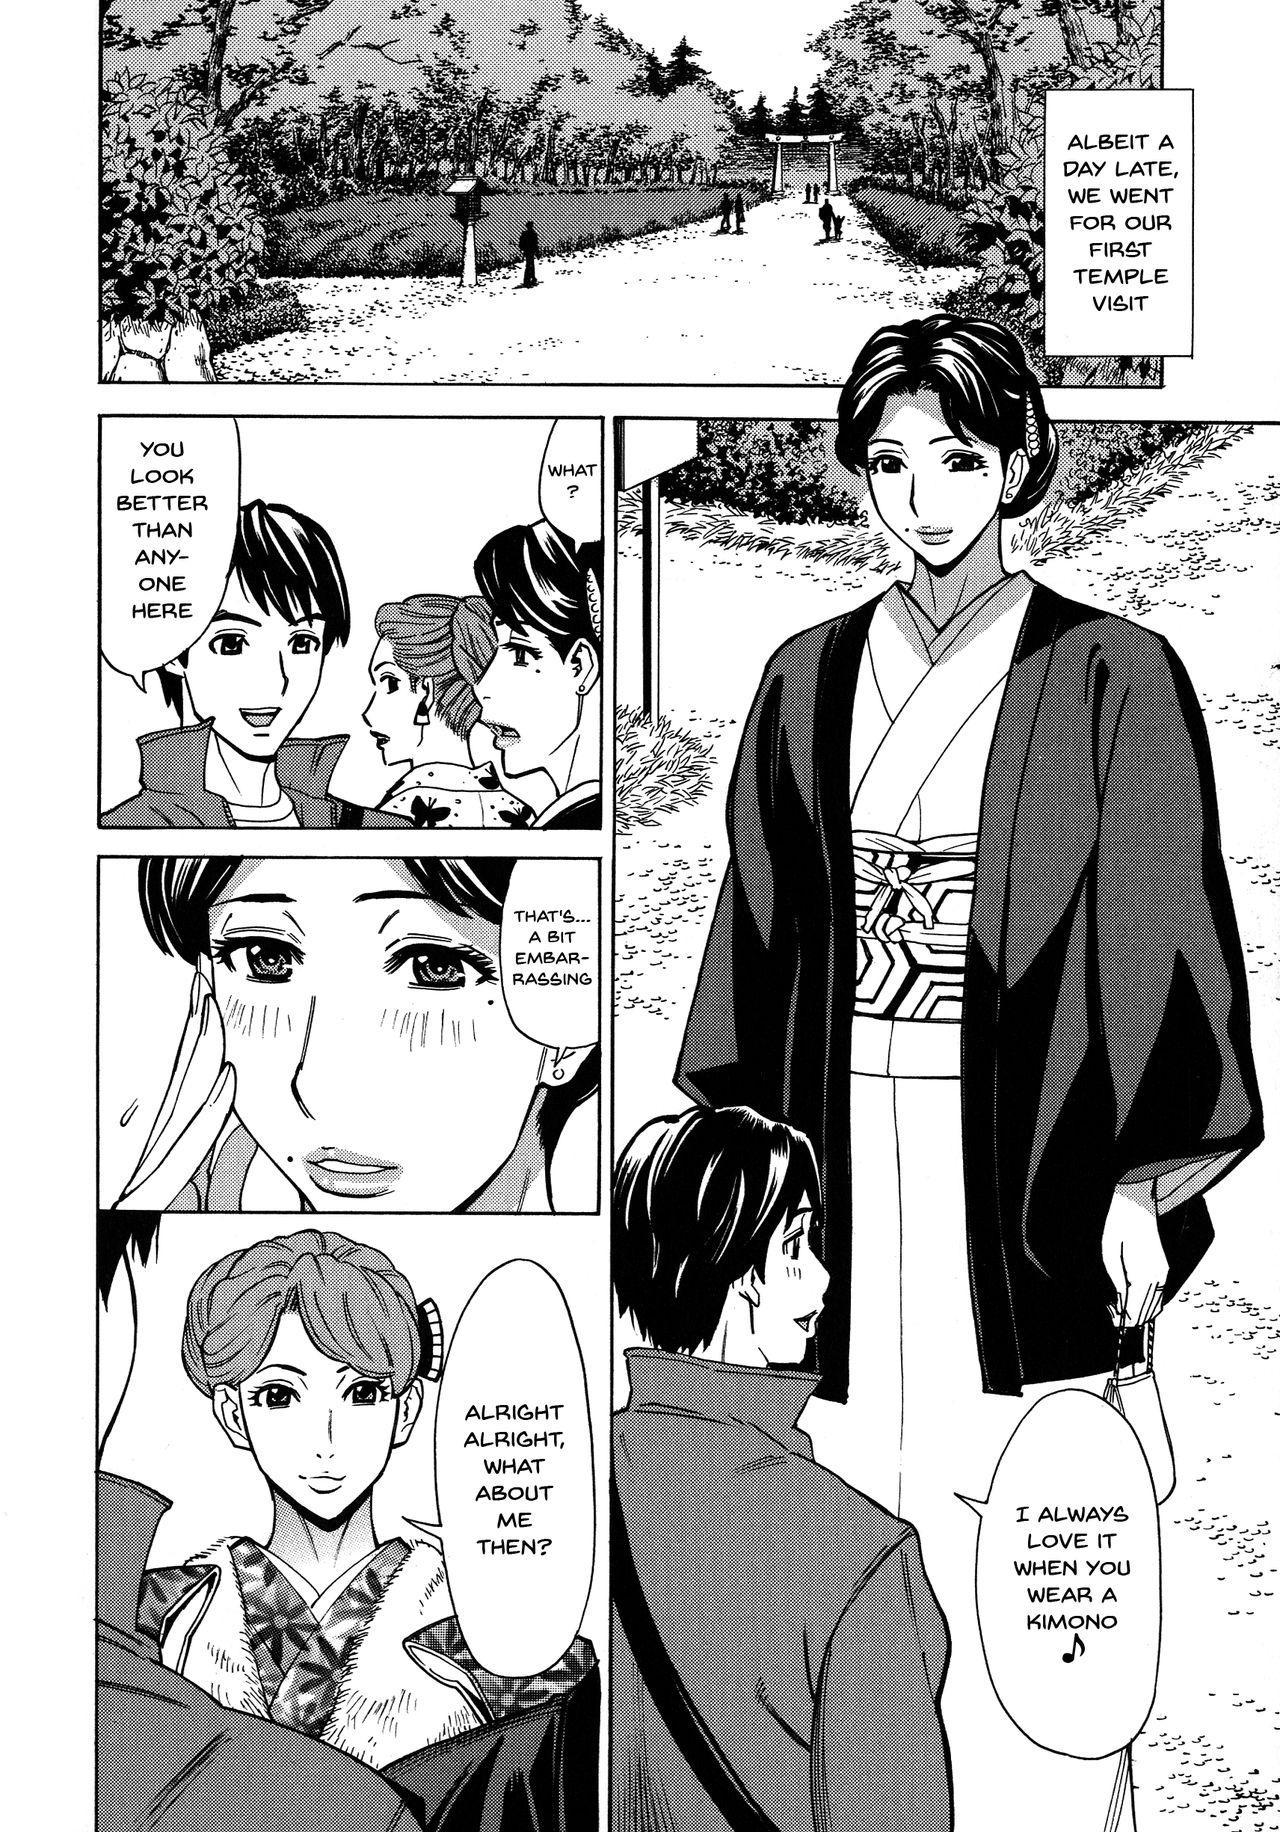 [Makibe Kataru] Hitozuma Koi Hanabi ~Hajimete no Furin ga 3P ni Itaru made~ Ch.1-9 [English] {Doujins.com} 59